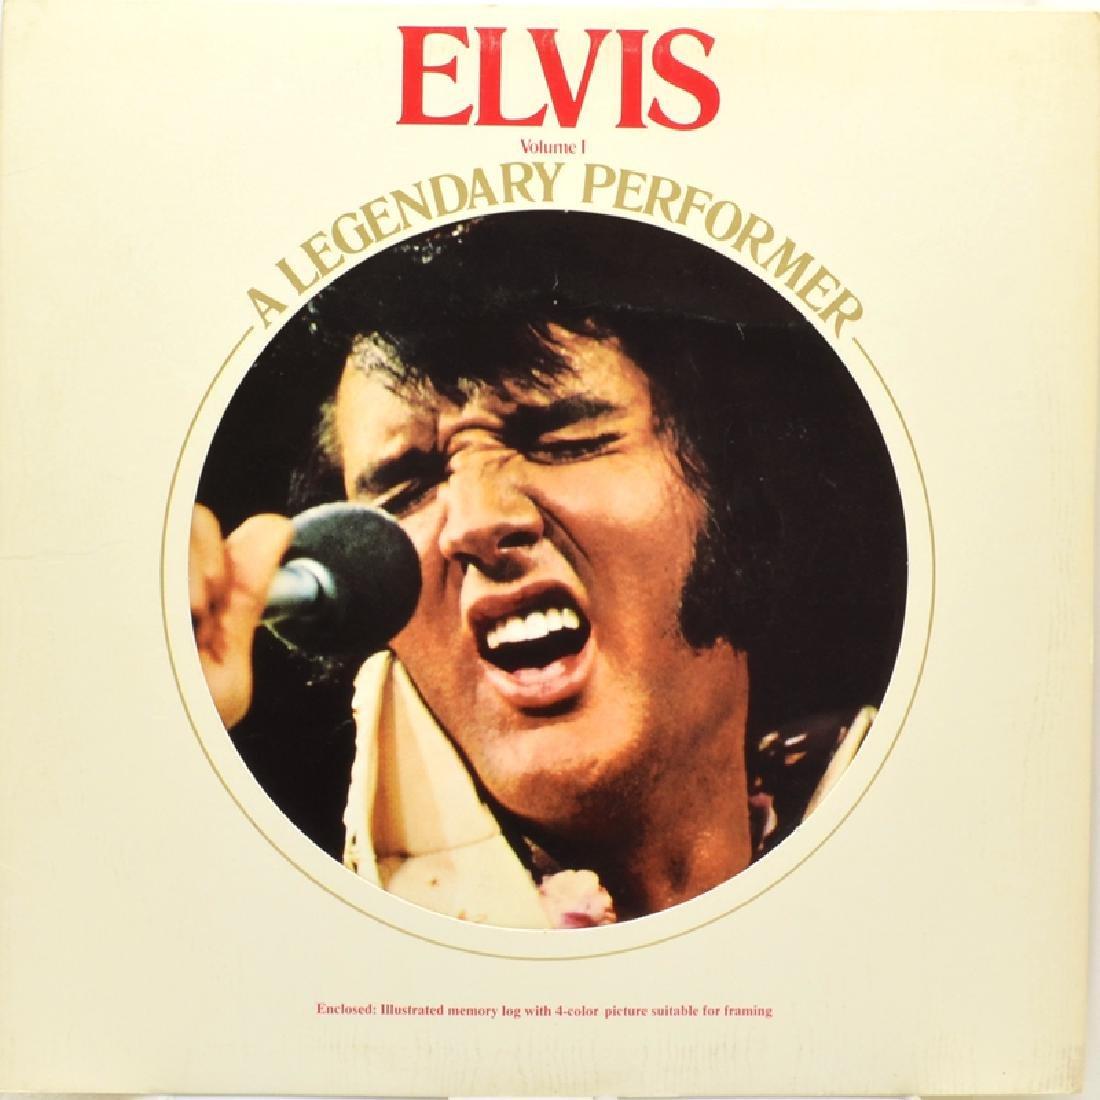 Rare Original Vintage Elvis Album